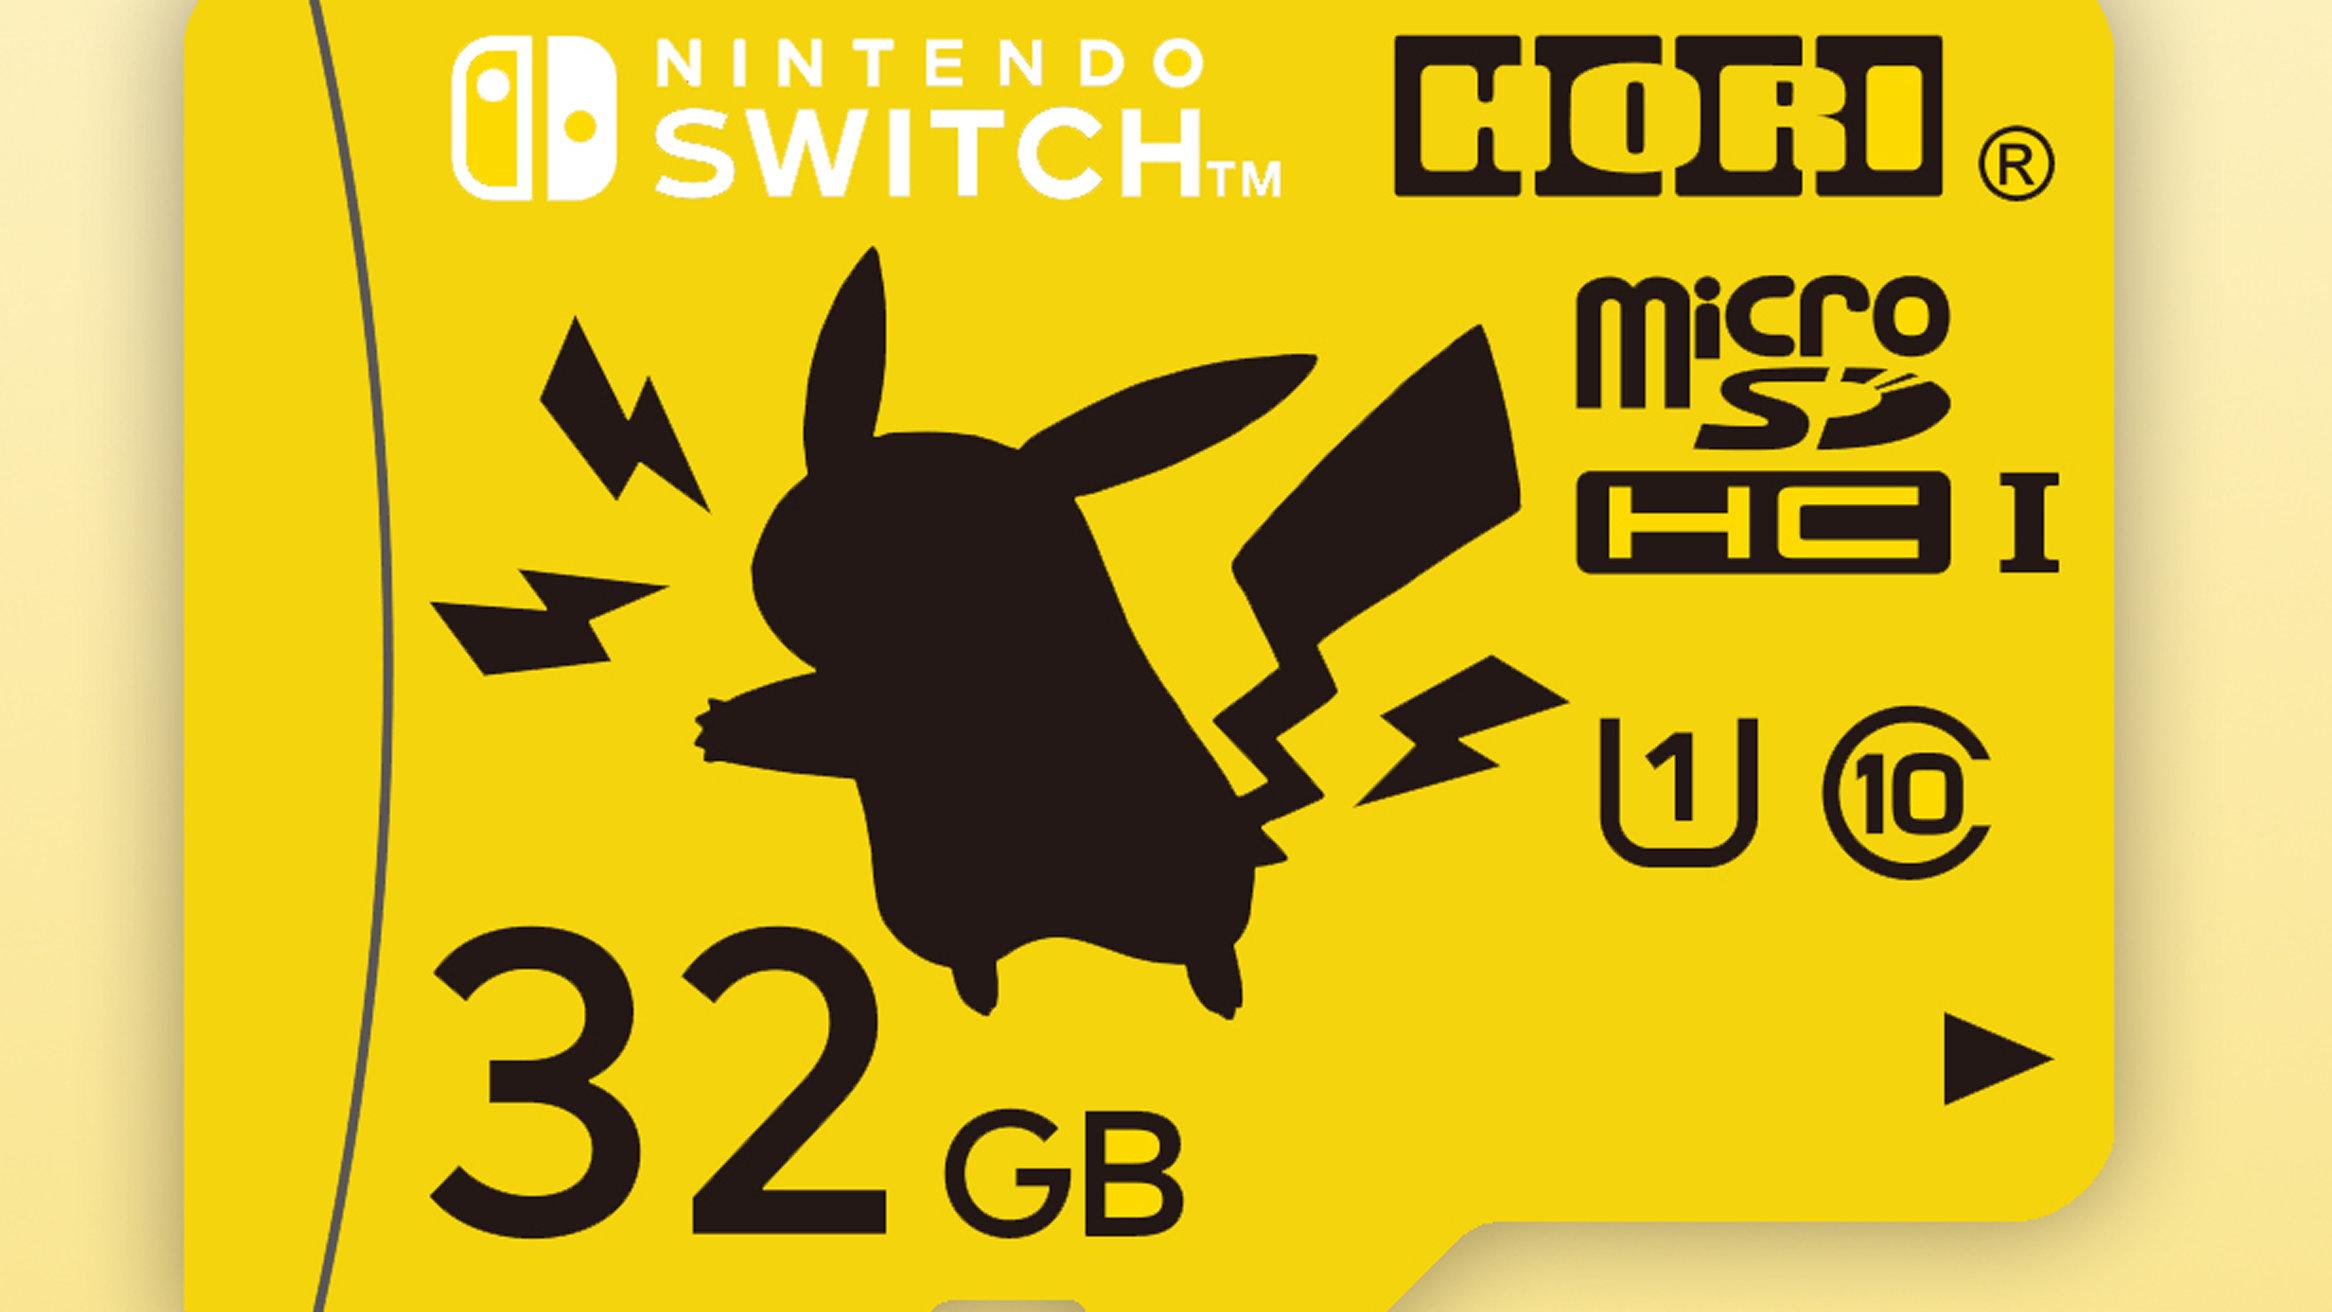 ポケモンのマイクロSDカード。ピカチュウ